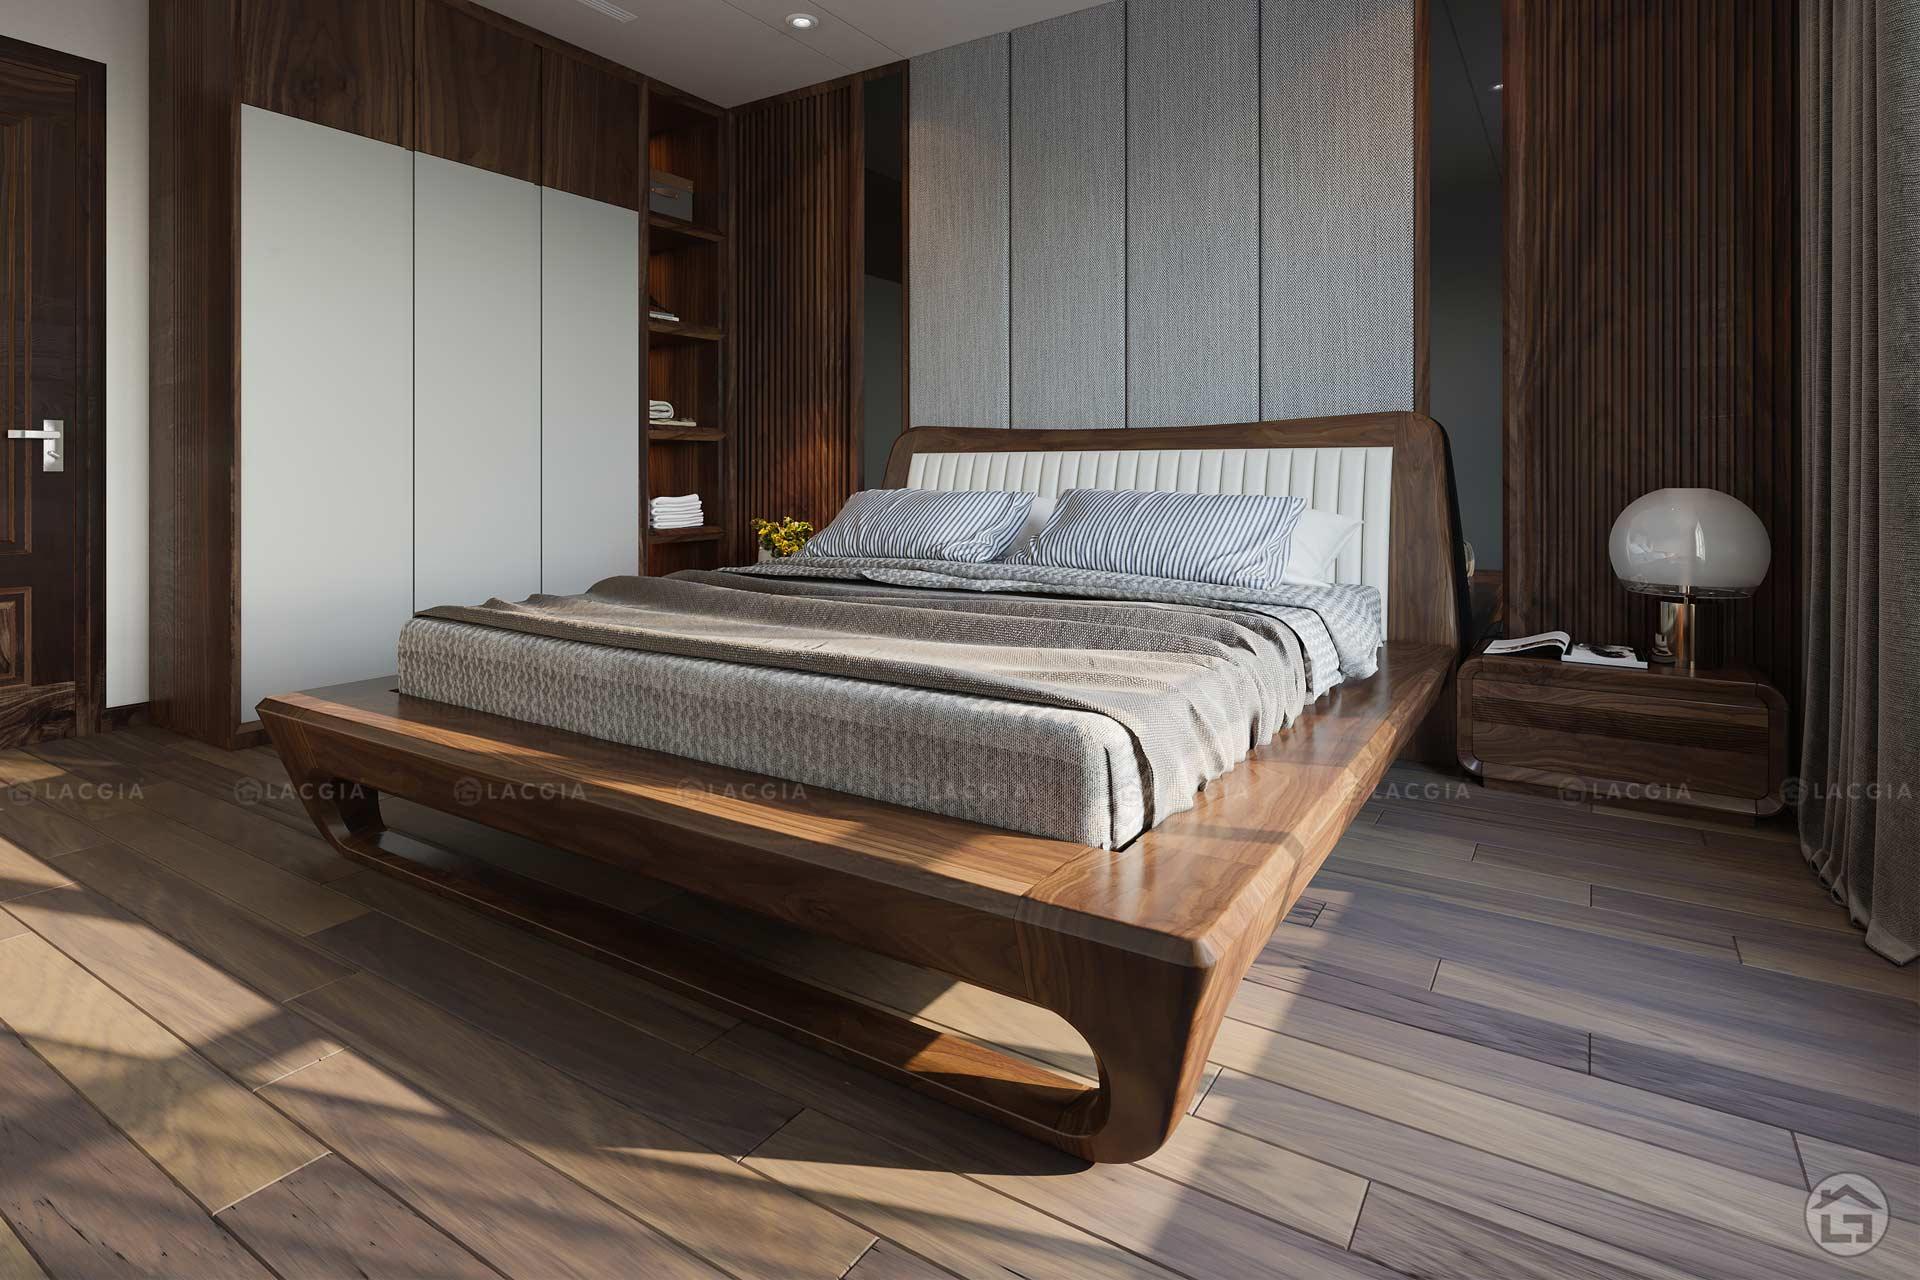 Thiết kế giường ngủ Master